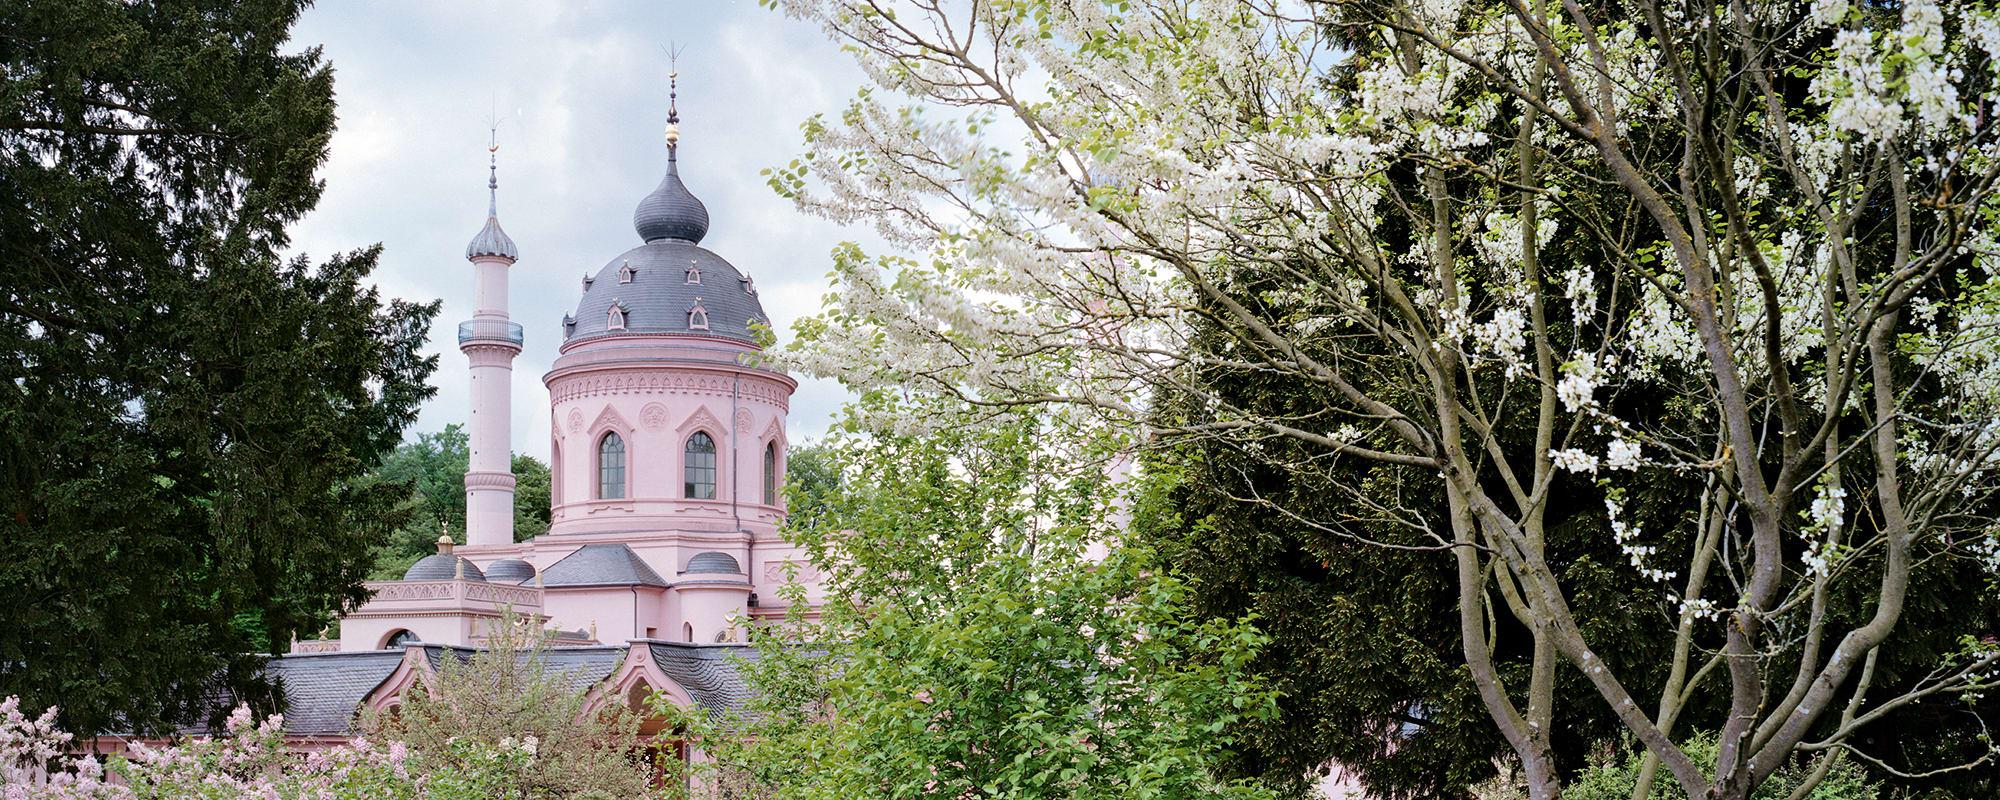 Garten, Moschee, Architektur, Schloss, Schwetzingen, Rokoko